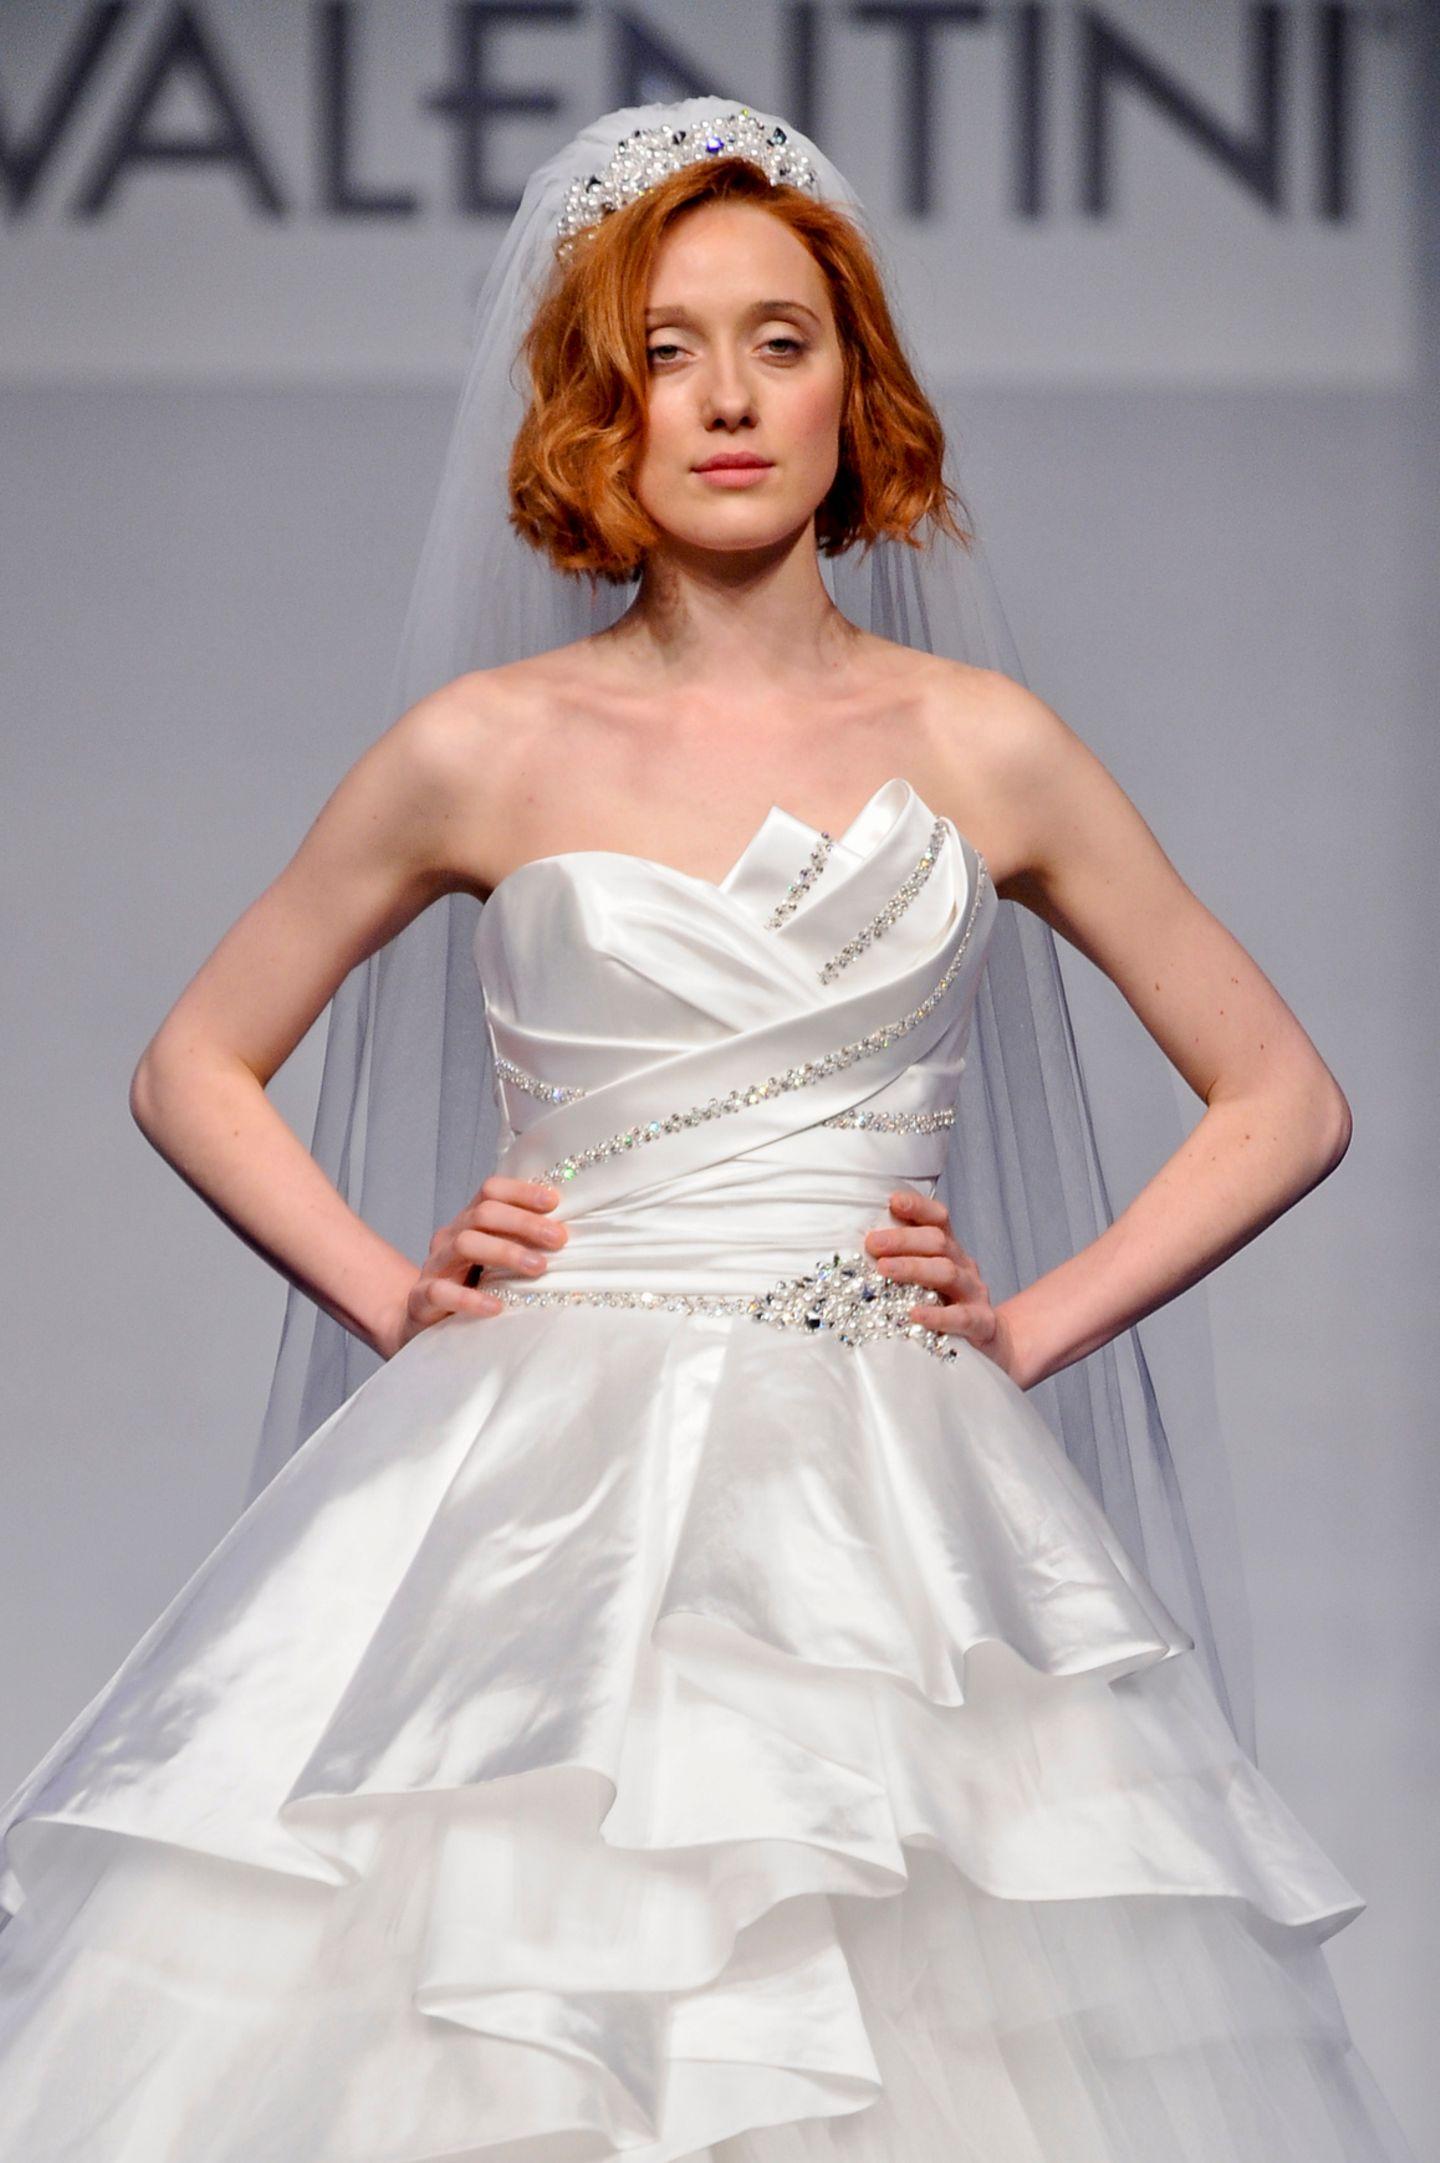 Brautfrisur mit Schleier: Frau mit Brautkleid Bob, Krone und Schleier